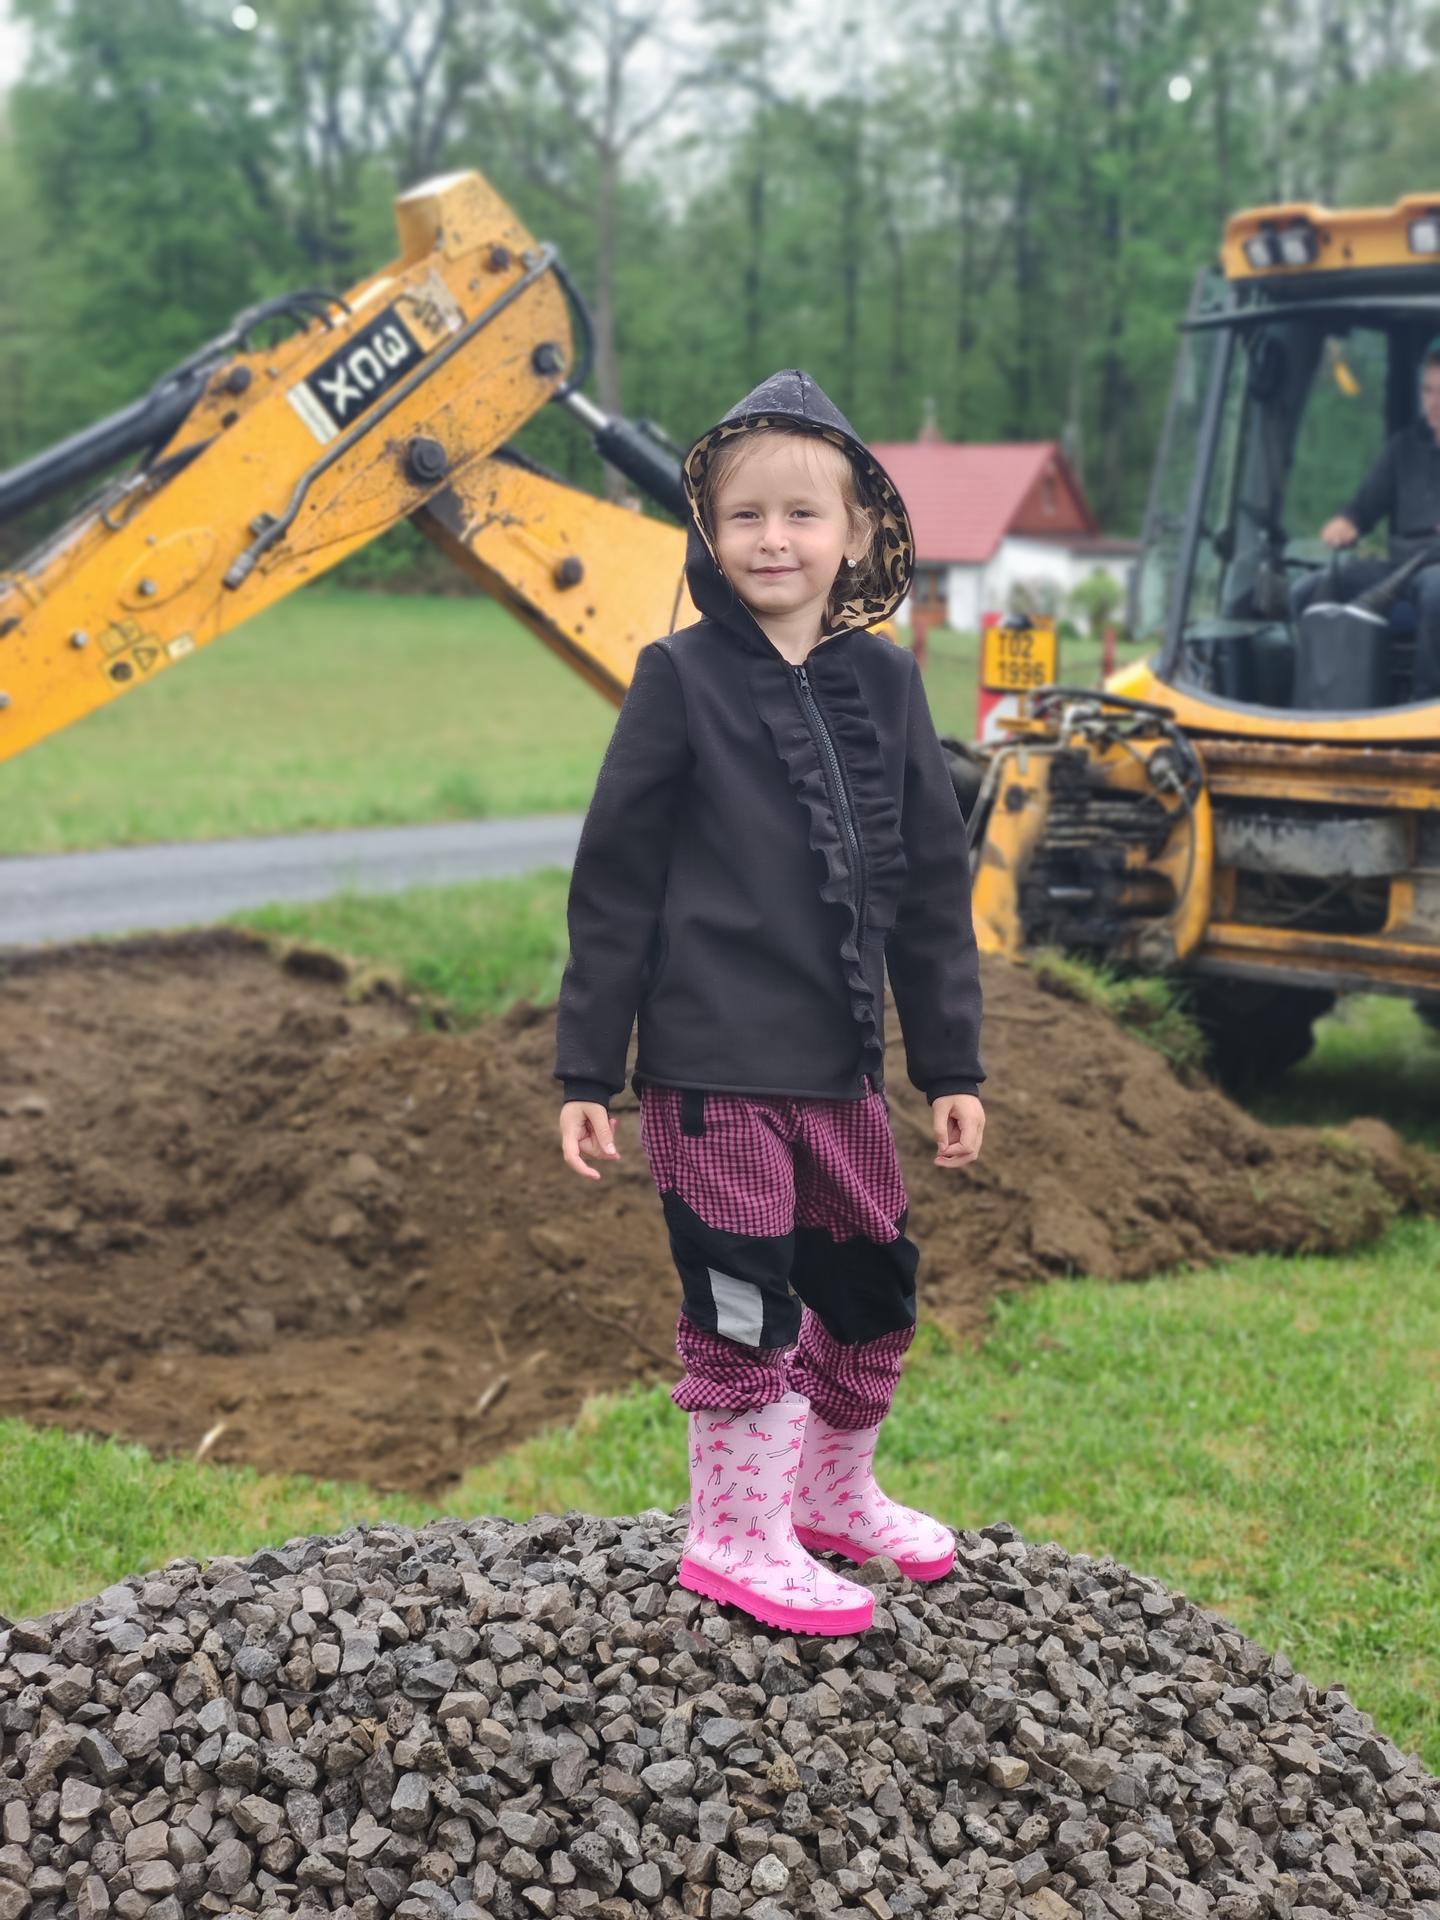 Začínáme si stavět náš dům 2020 - Obrázek č. 7